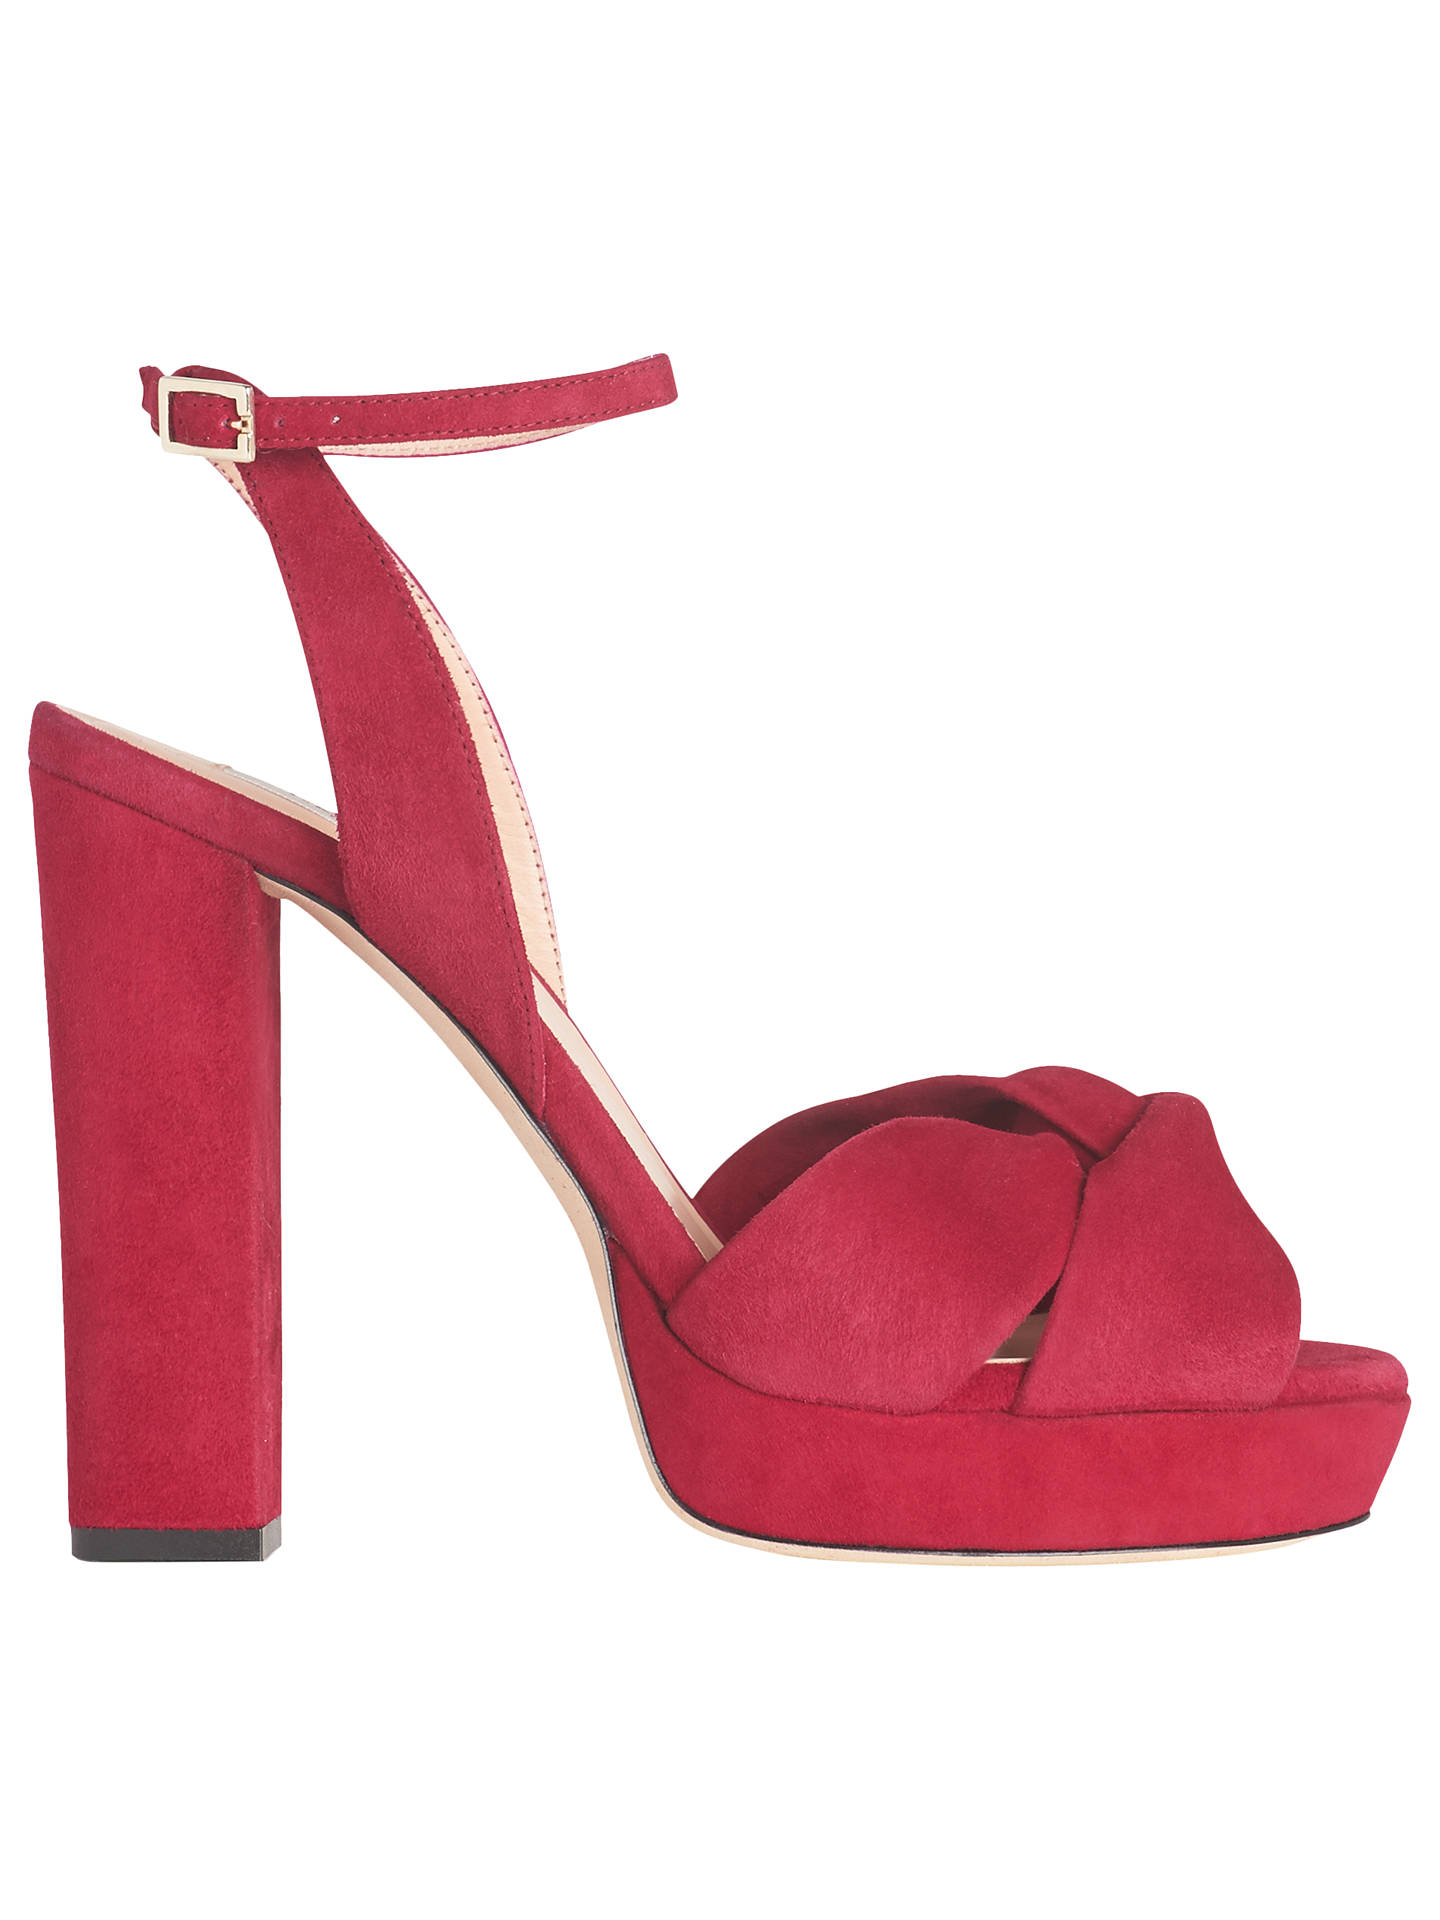 b95b3a5d0df L.K.Bennett Annabella High Block Heel Sandals at John Lewis & Partners